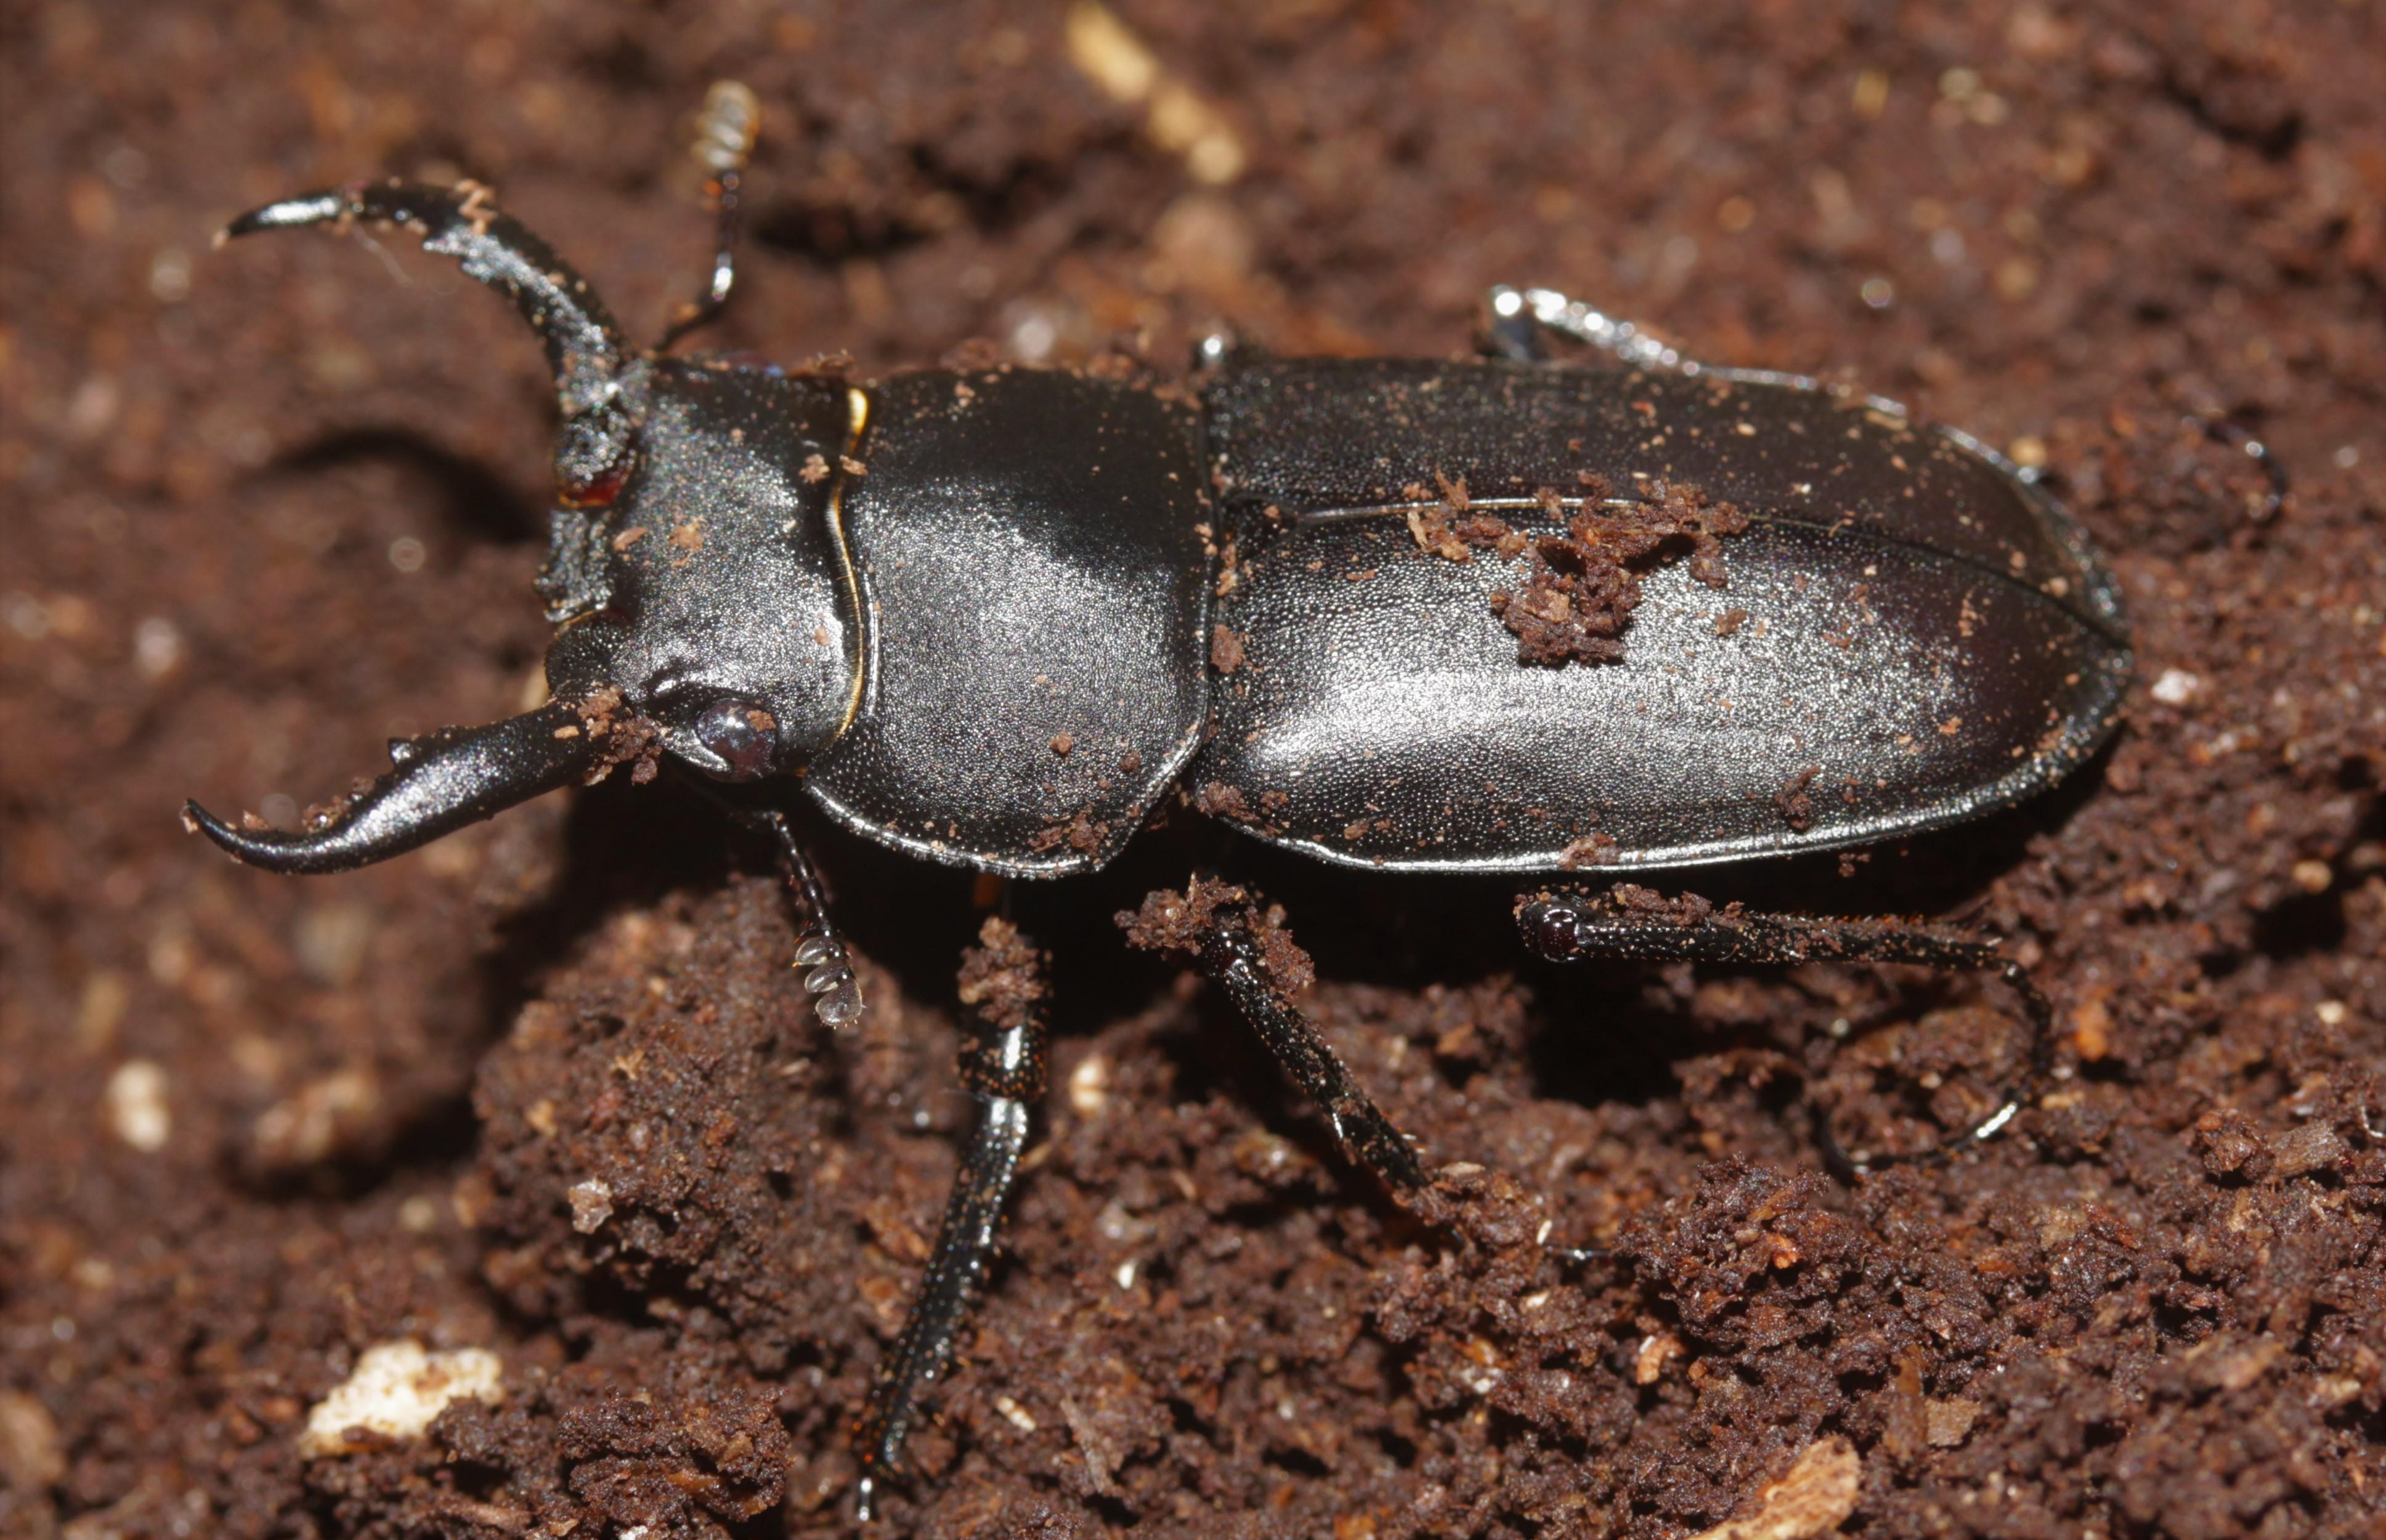 Rhaetulus crenatus recticornis male closeup